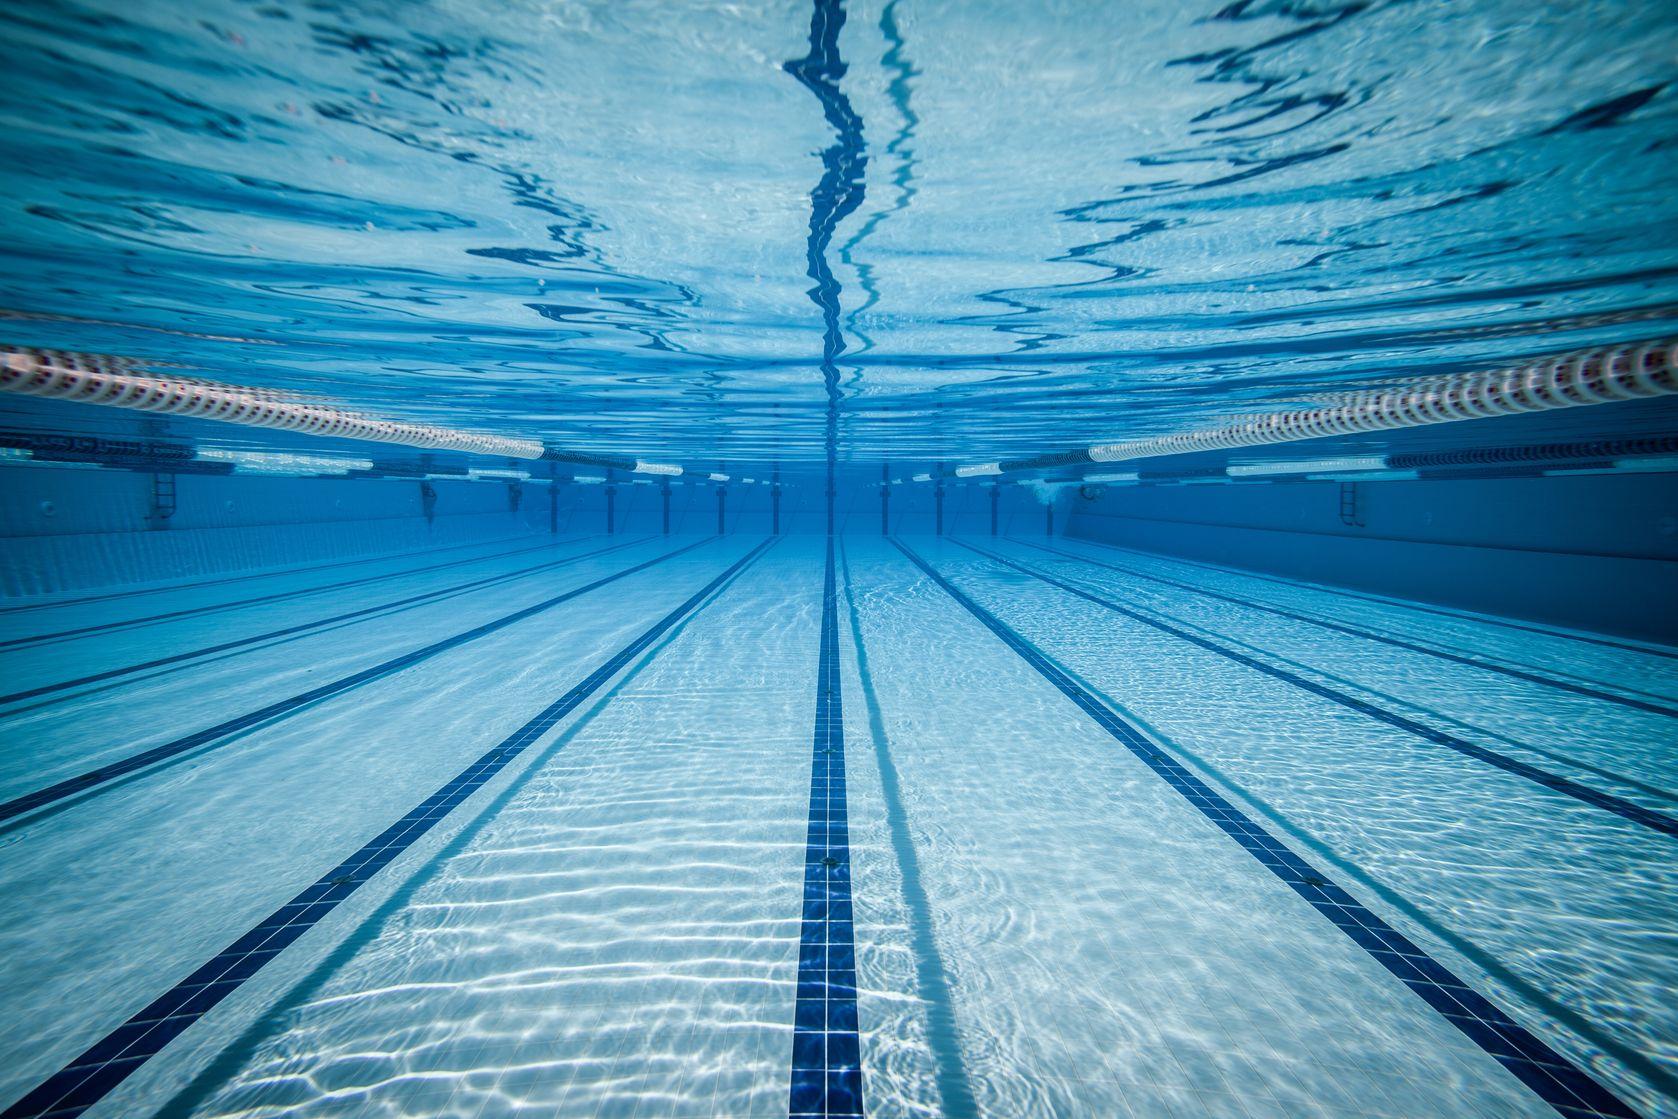 Zwembad de wolfslaar kan terugkijken op een gezellig zwemseizoen